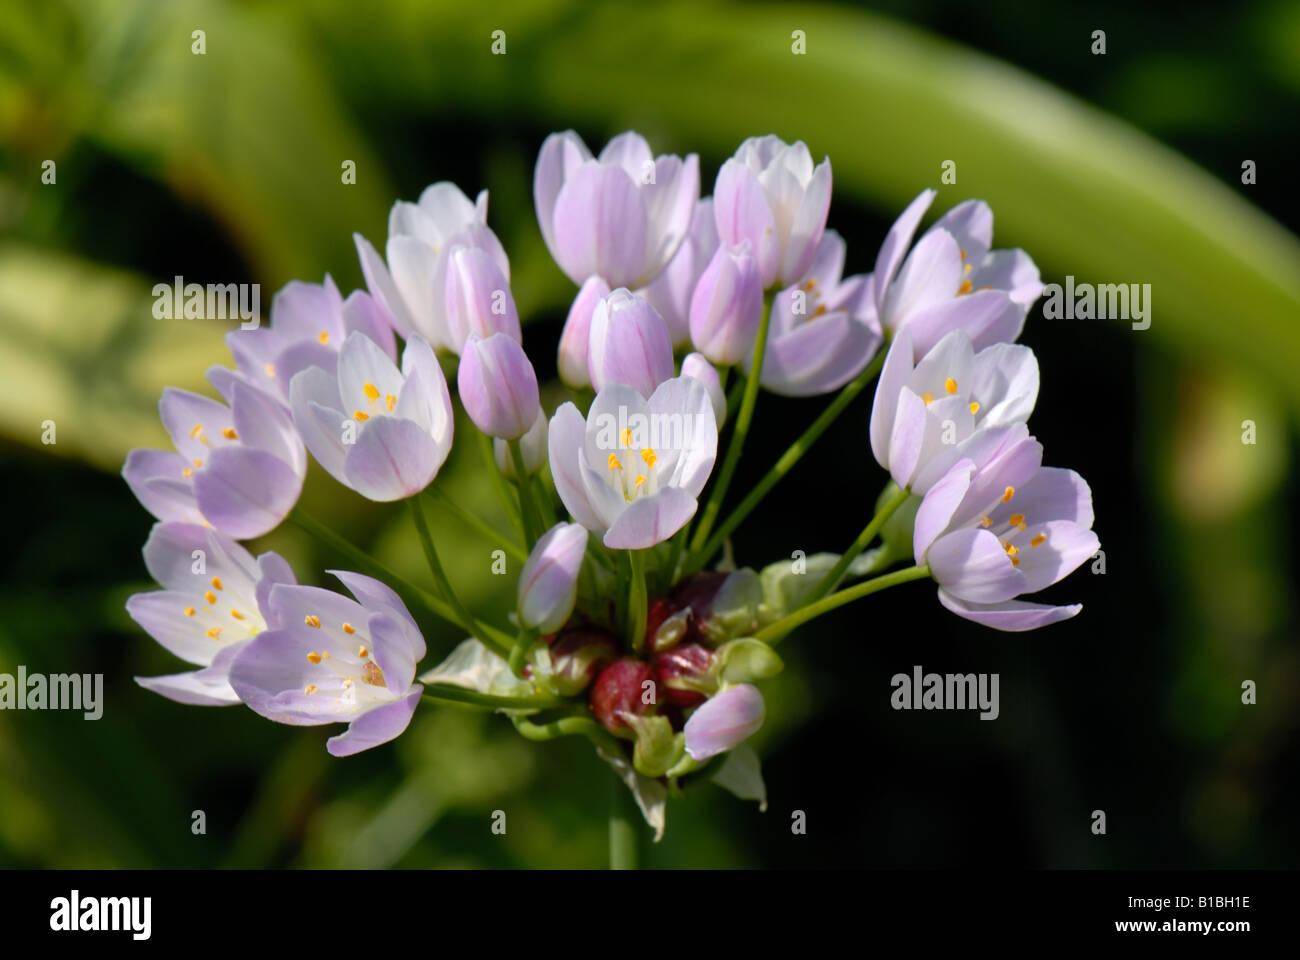 Allium roseum pink flowers on a perennial garden bulb - Stock Image